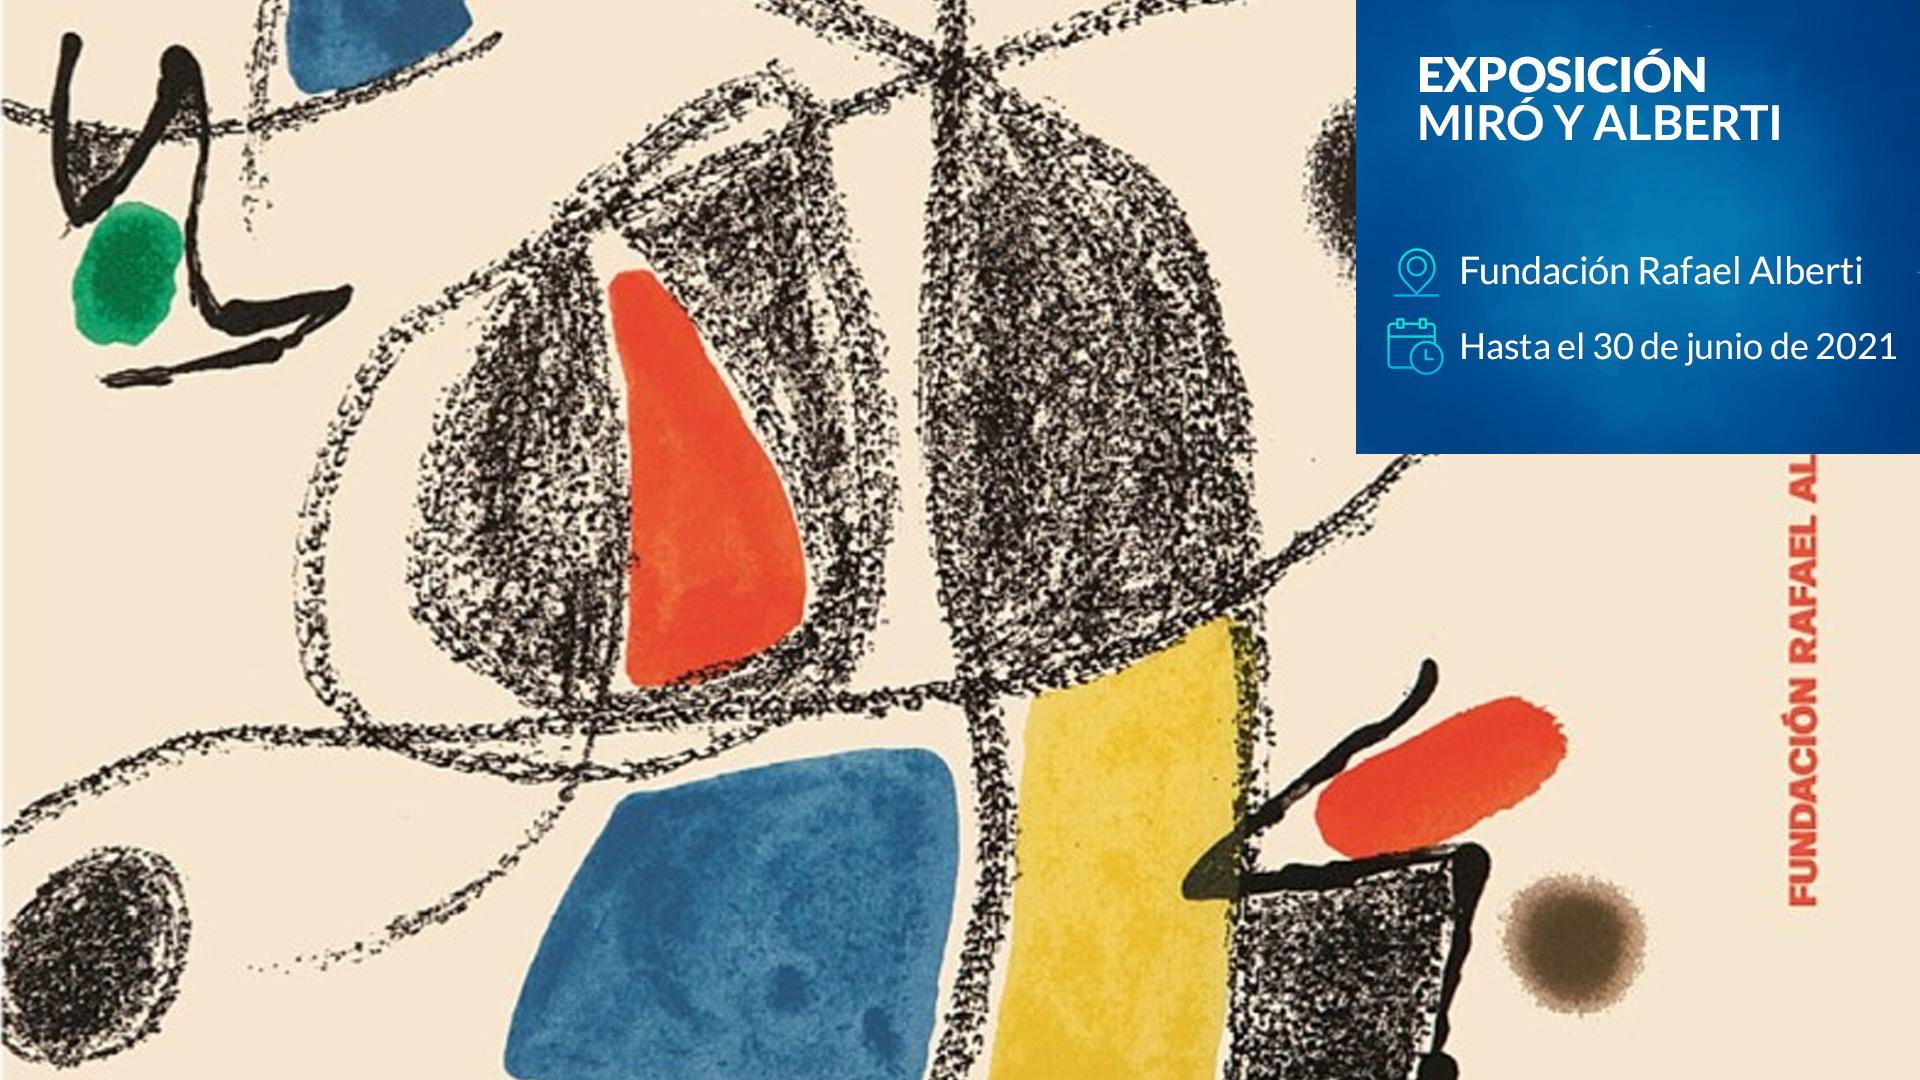 Exposición · Miró y Alberti